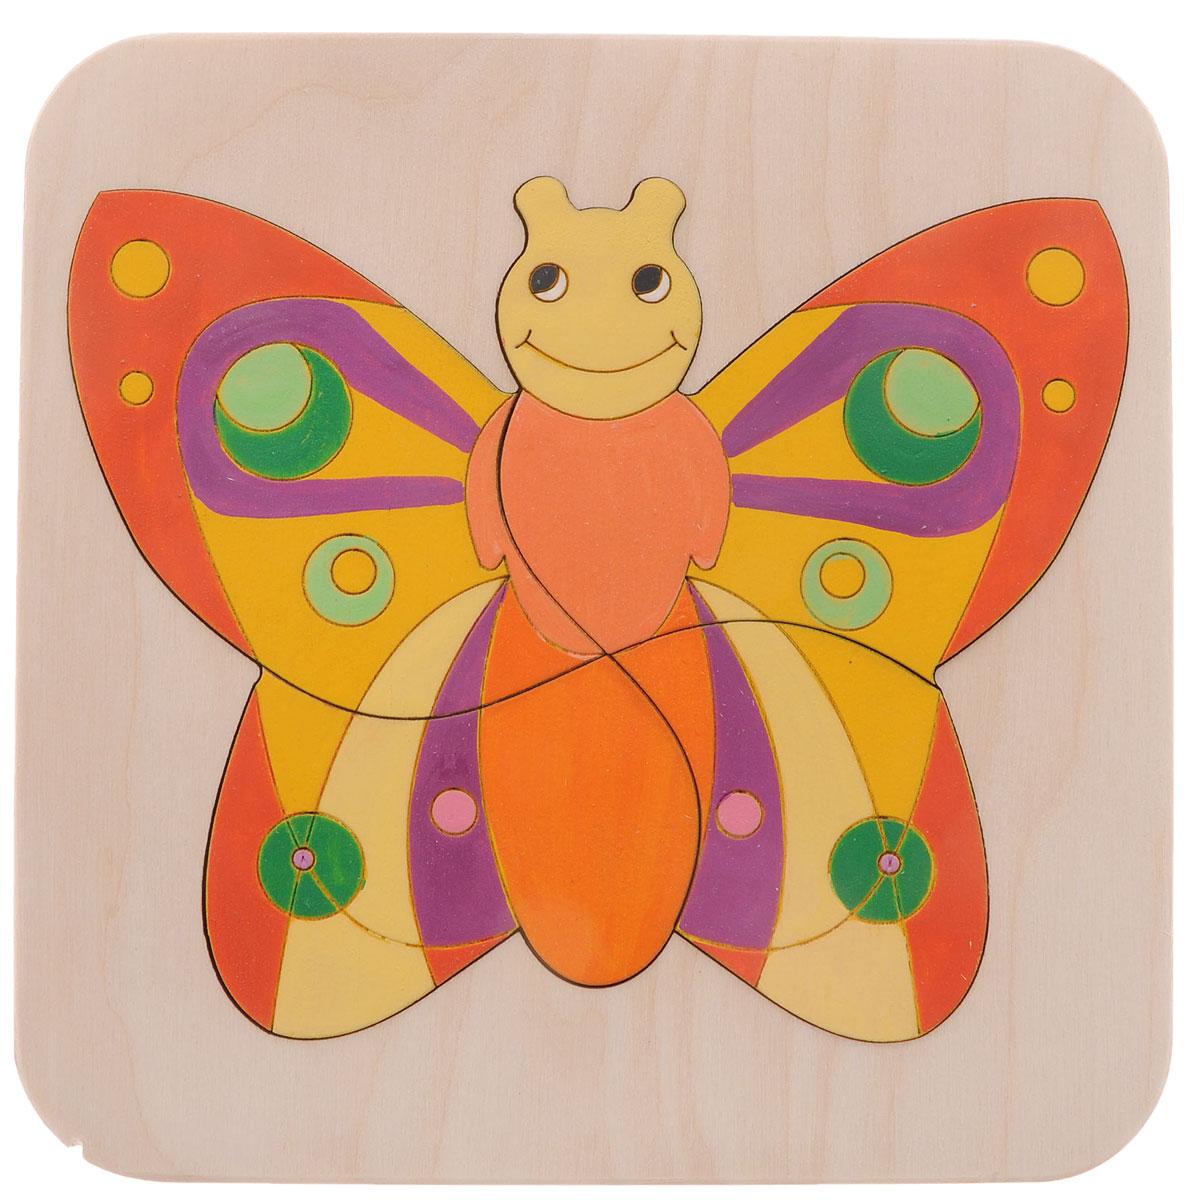 Таис Пазл Бабочка 3DЦПБ3DМудрые родители выбирают для своих малышей игрушки, которые обучают малыша в процессе увлекательной игры, формируют его внутренний мир и не наносят вред здоровью. Деревянный пазл Таис Бабочка 3D, детали которого изготовлены из высококачественной древесины - это не просто яркий предмет, способный надолго увлечь ребенка. Представлен в виде основы и 4 различных фигур, собрав которые, ребенок получит картинку с изображением яркой бабочки. Пазл Бабочка 3D совершенствует способность фиксировать взгляд на мелких предметах и помогает на интуитивном уровне овладевать умением обобщать и сортировать предметы на основе их сходства или различия по форме.